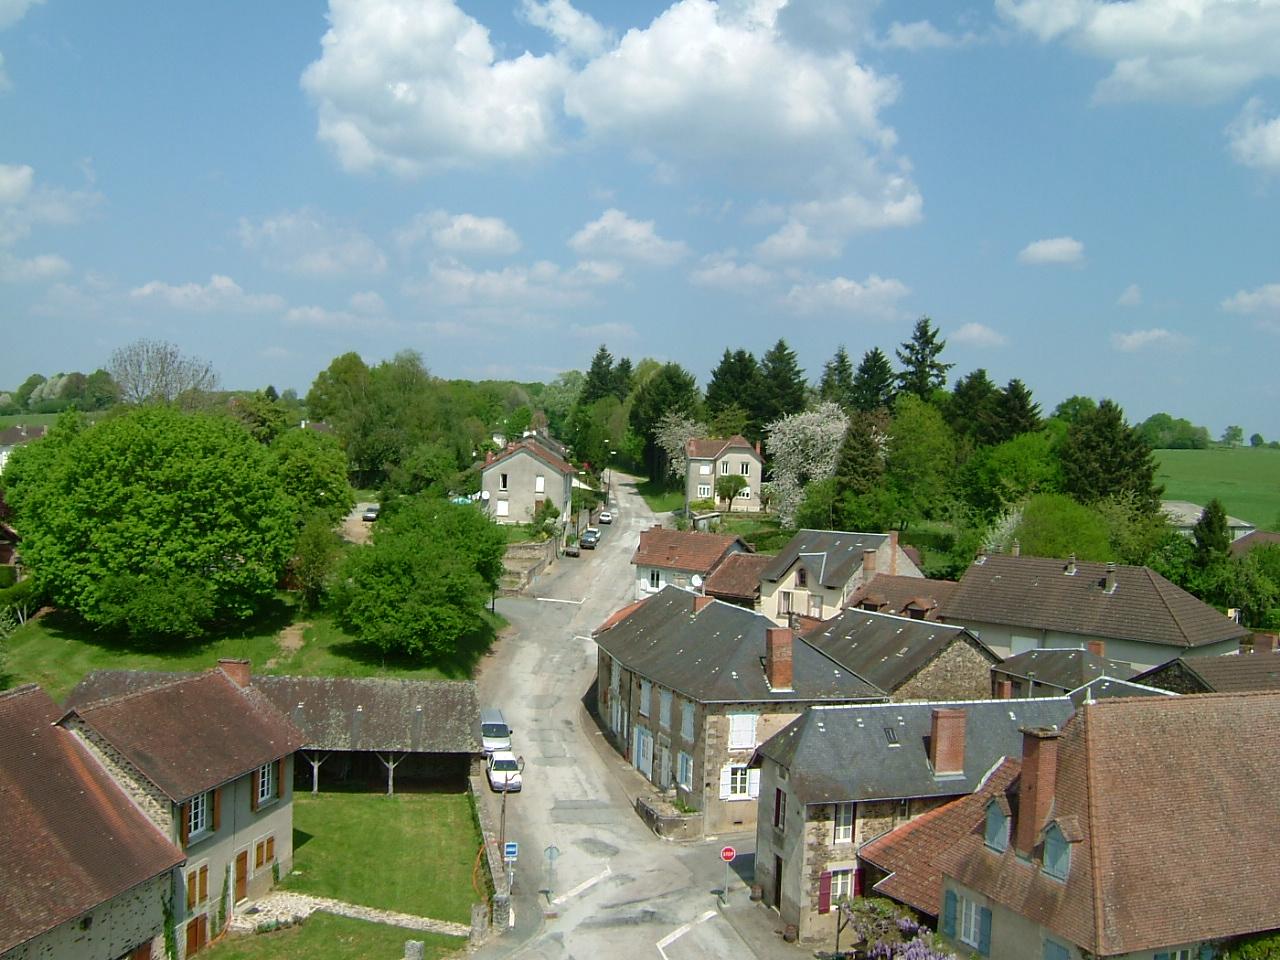 Saint-Bonnet-Briance